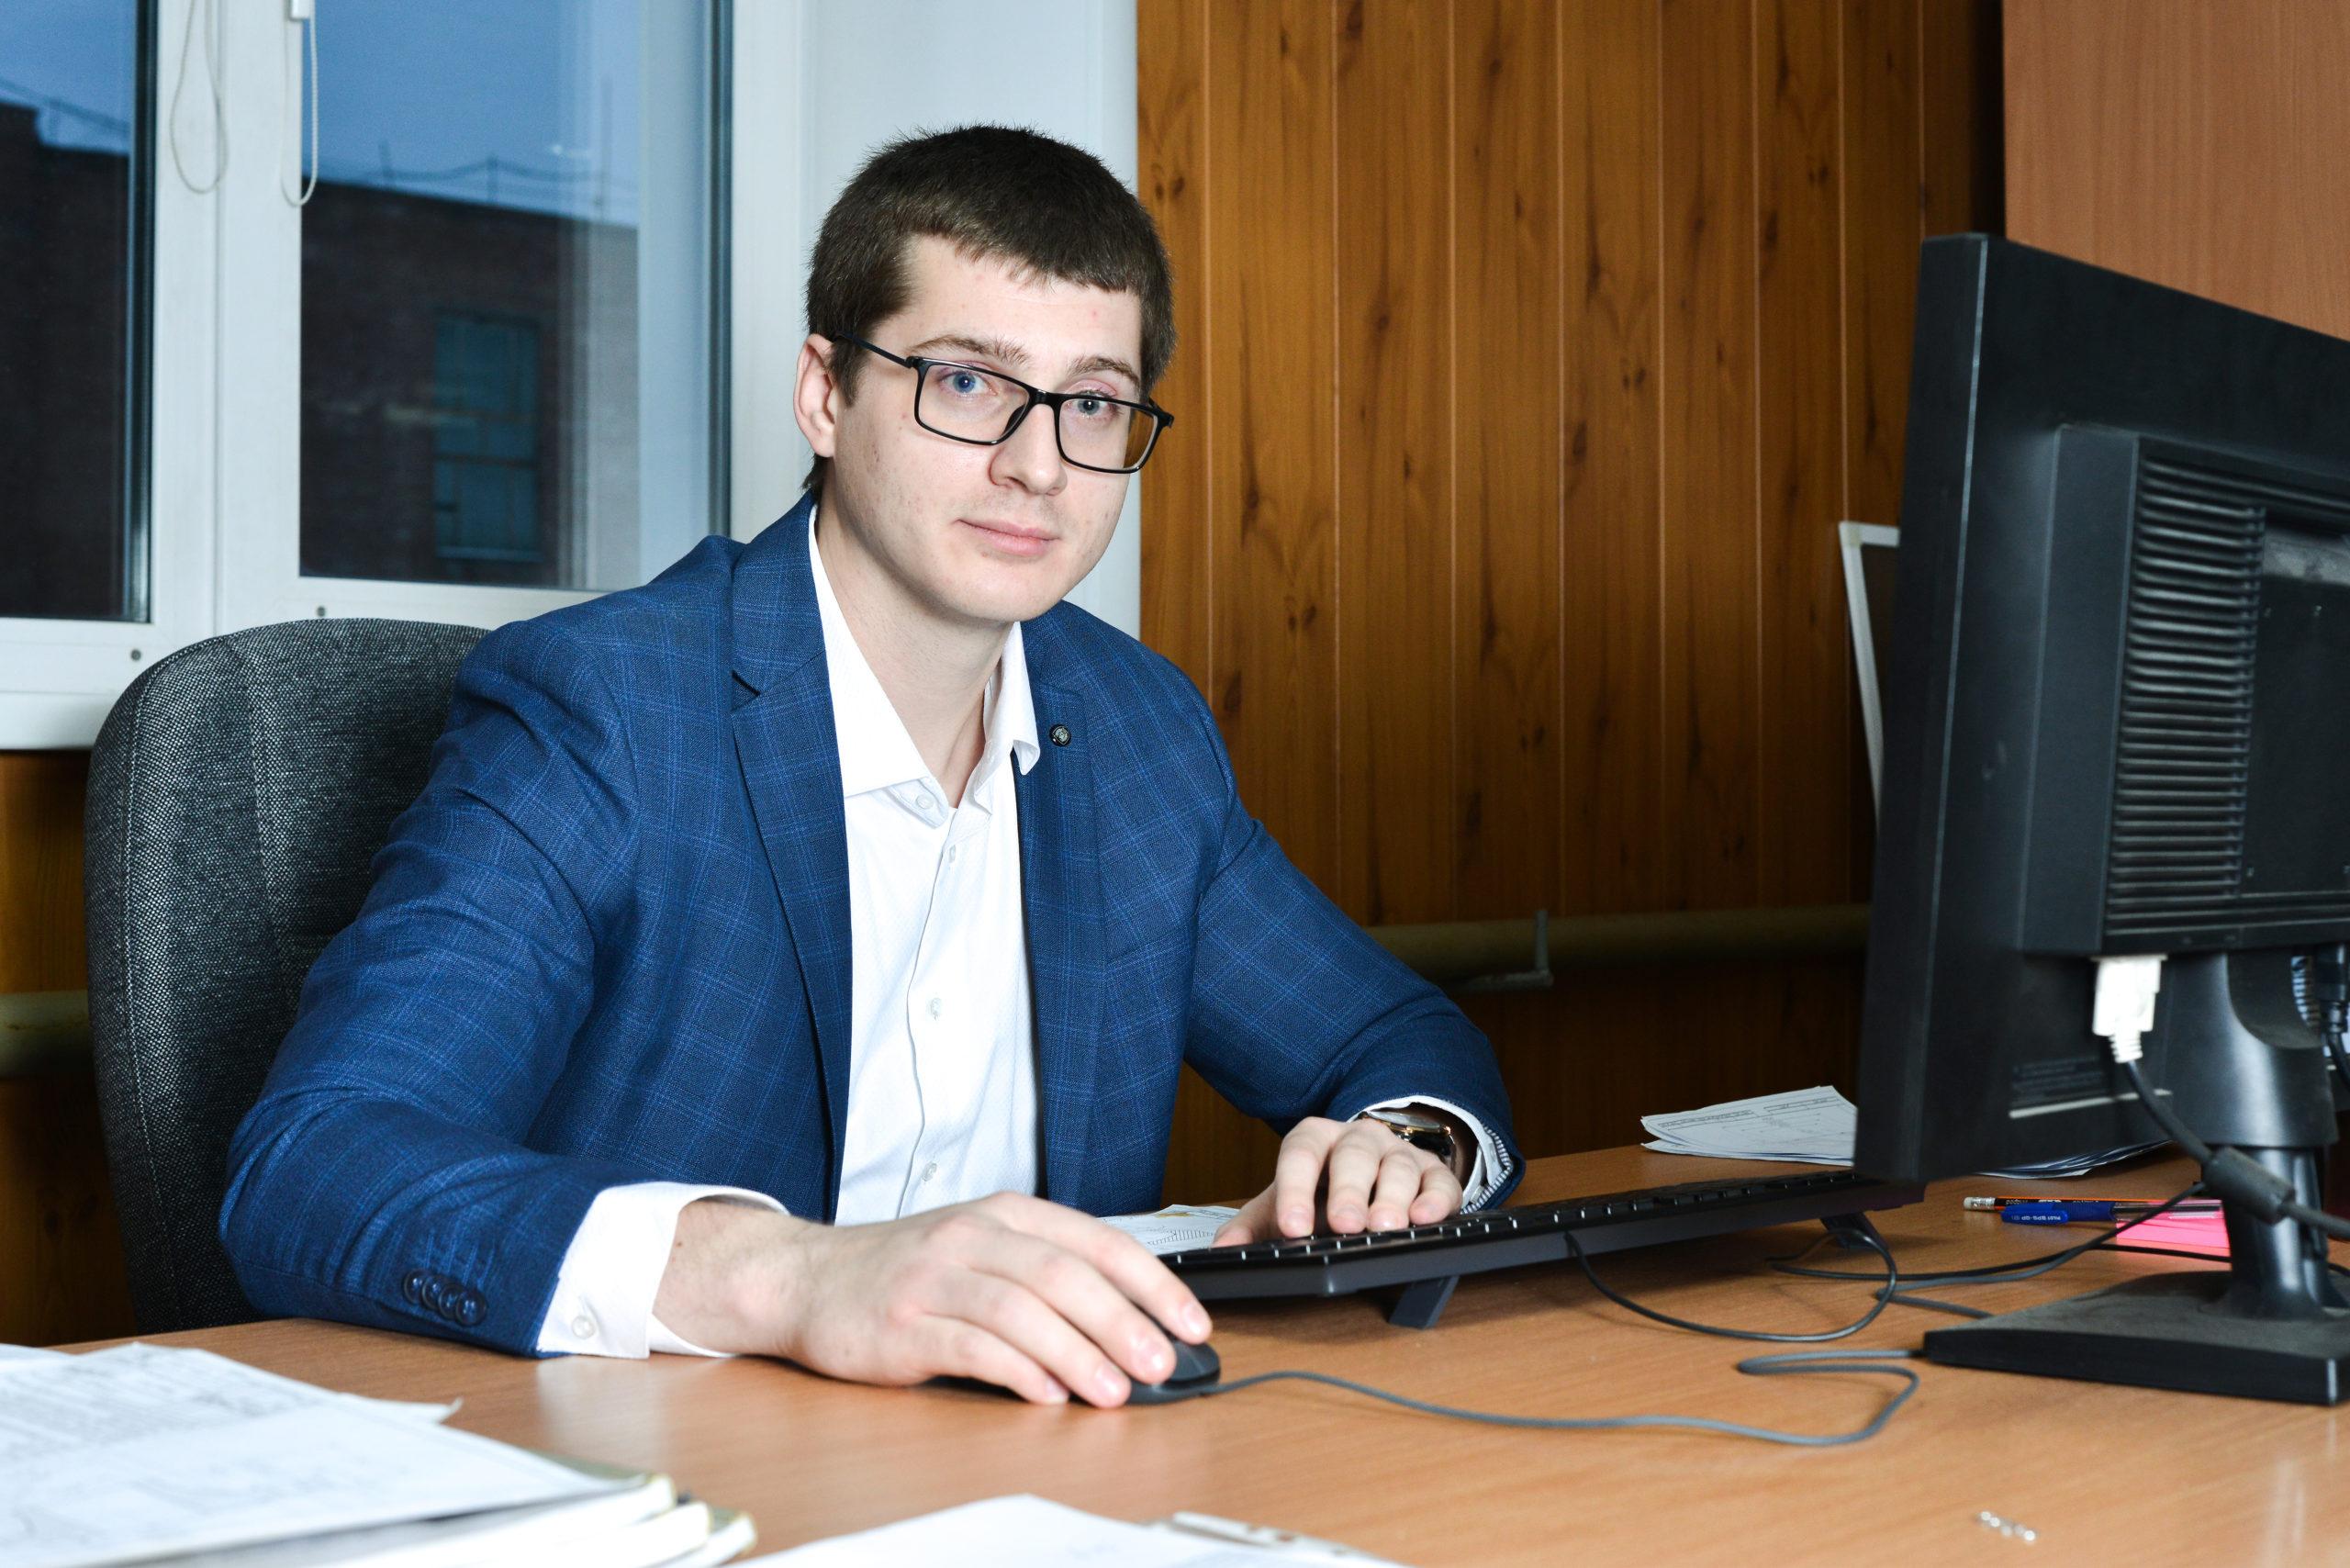 Карасев Данил Юрьевич (Инженер-технолог)